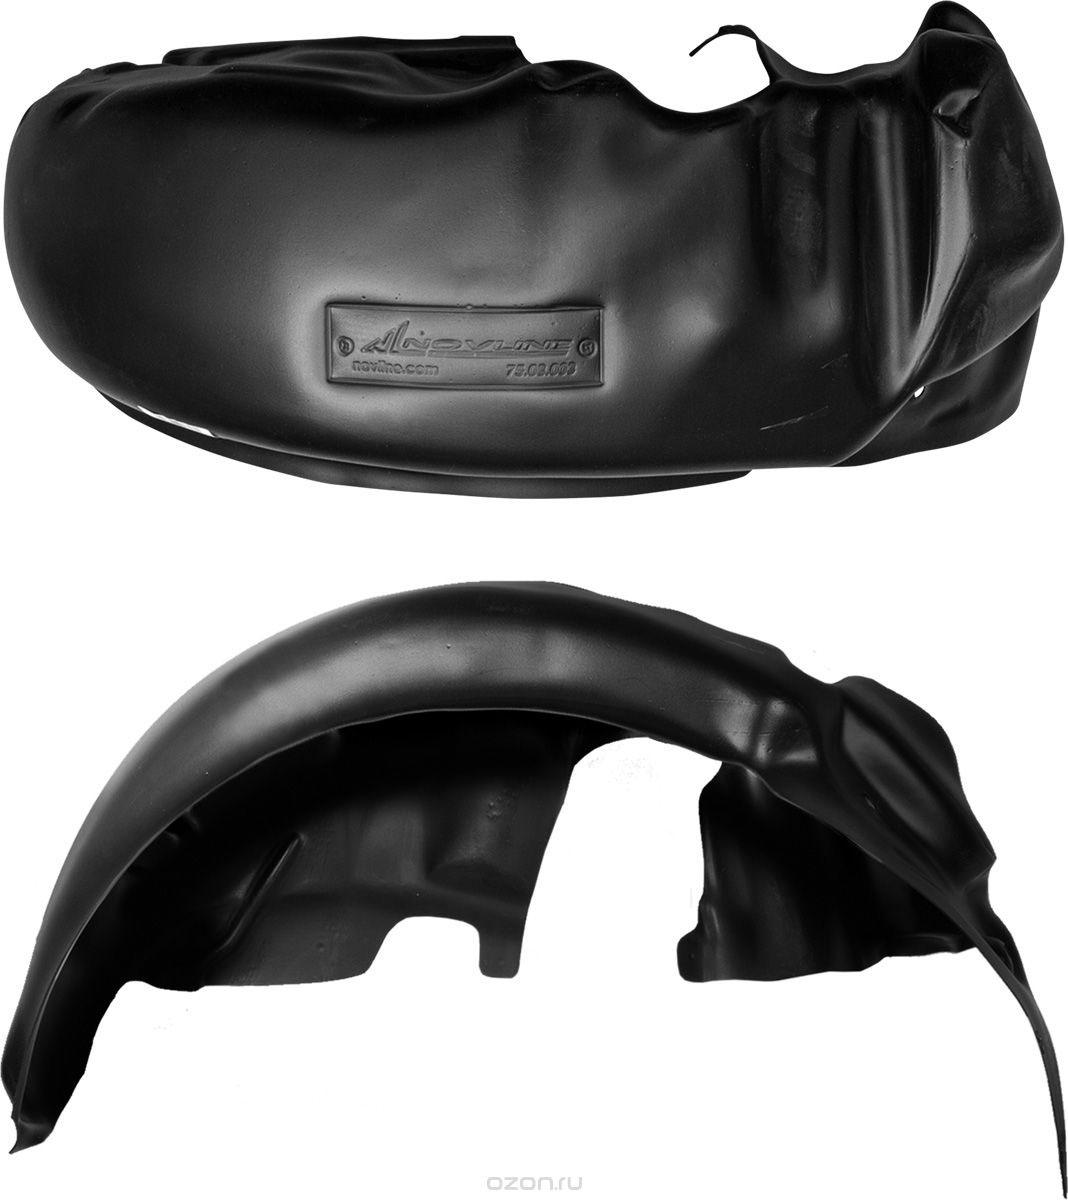 Подкрылок Novline-Autofamily, для CHERY Tiggo, 2014-2016, T(21, задний левыйVCA-00Идеальная защита колесной ниши. Локеры разработаны с применением цифровых технологий, гарантируют максимальную повторяемость поверхности арки. Изделия устанавливаются без нарушения лакокрасочного покрытия автомобиля, каждый подкрылок комплектуется крепежом. Уважаемые клиенты, обращаем ваше внимание, что фотографии на подкрылки универсальные и не отражают реальную форму изделия. При этом само изделие идет точно под размер указанного автомобиля.